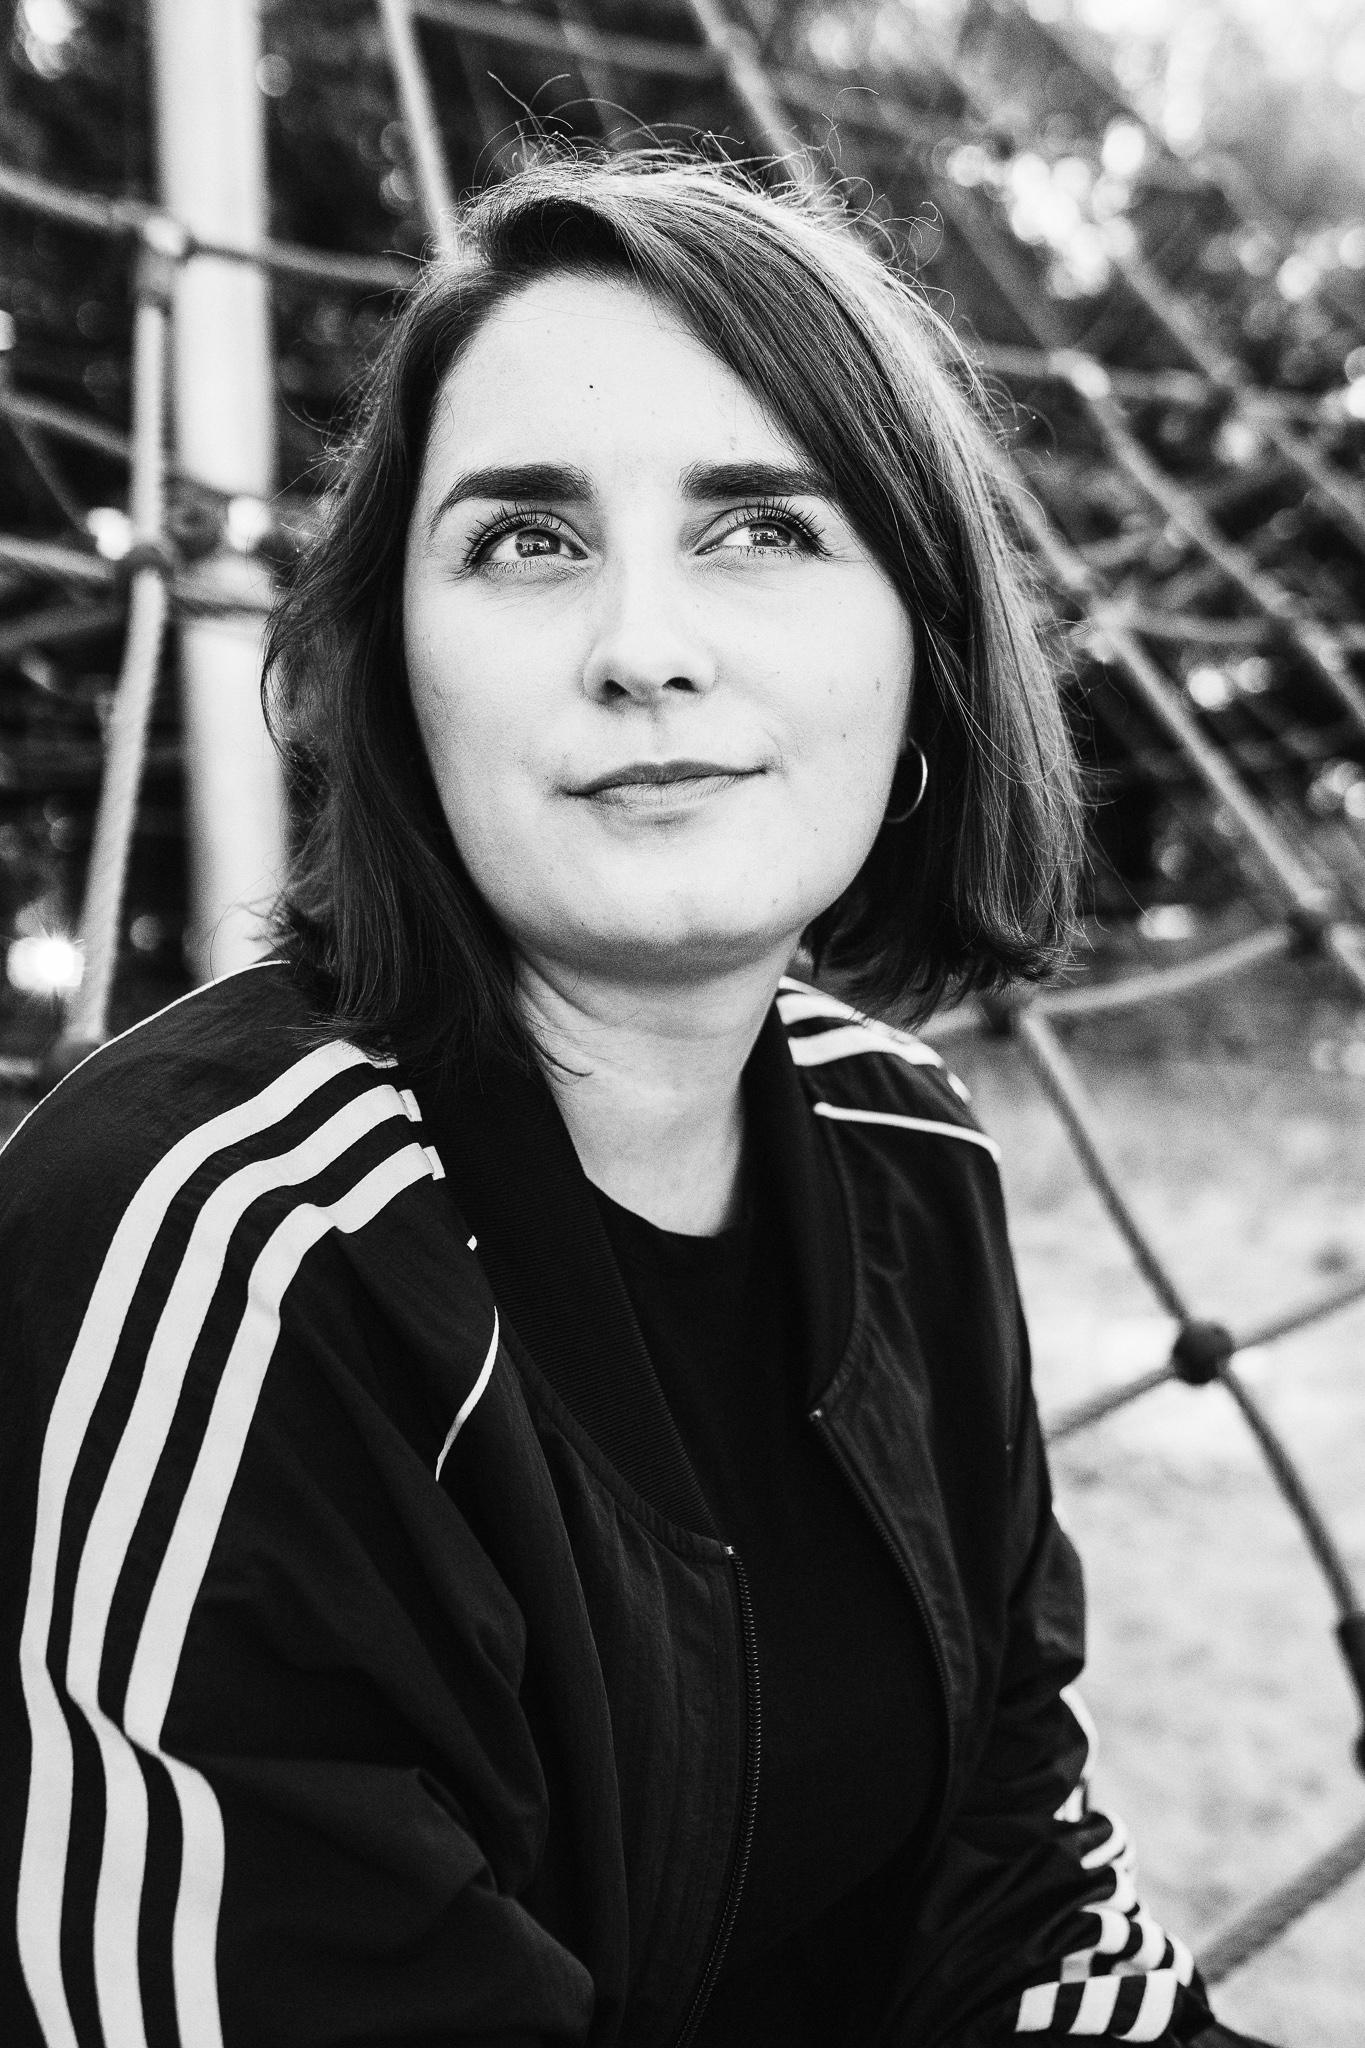 fotografia portretowa Zuzanny Głowackiej